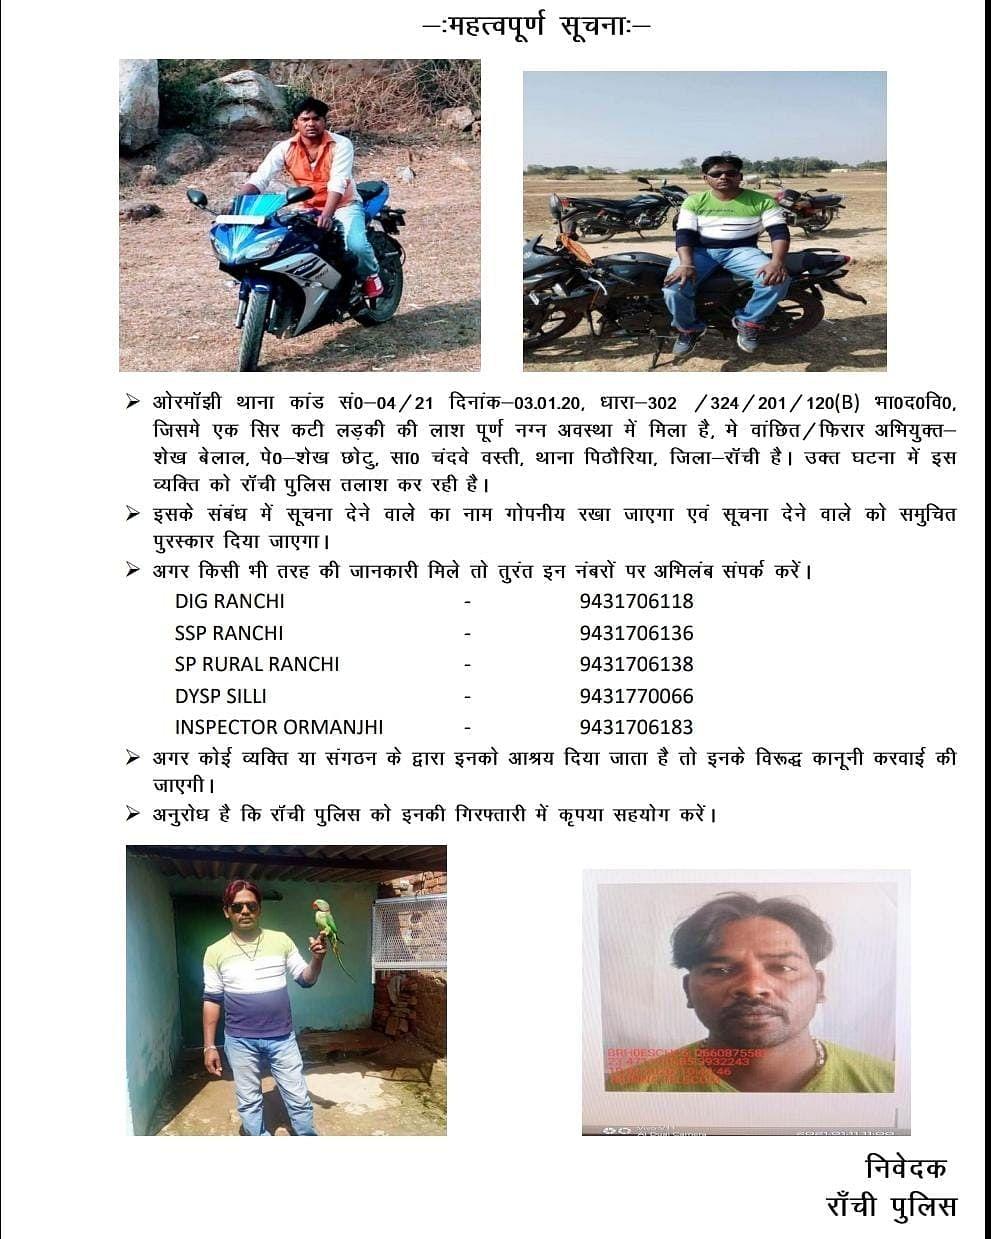 Ormanjhi Murder Case Latest News : ओरमांझी हत्याकांड मामले में पुलिस को बिलाल की तलाश, जारी हुई तस्वीर, सूचना देने वालों को इनाम भी मिलेगा